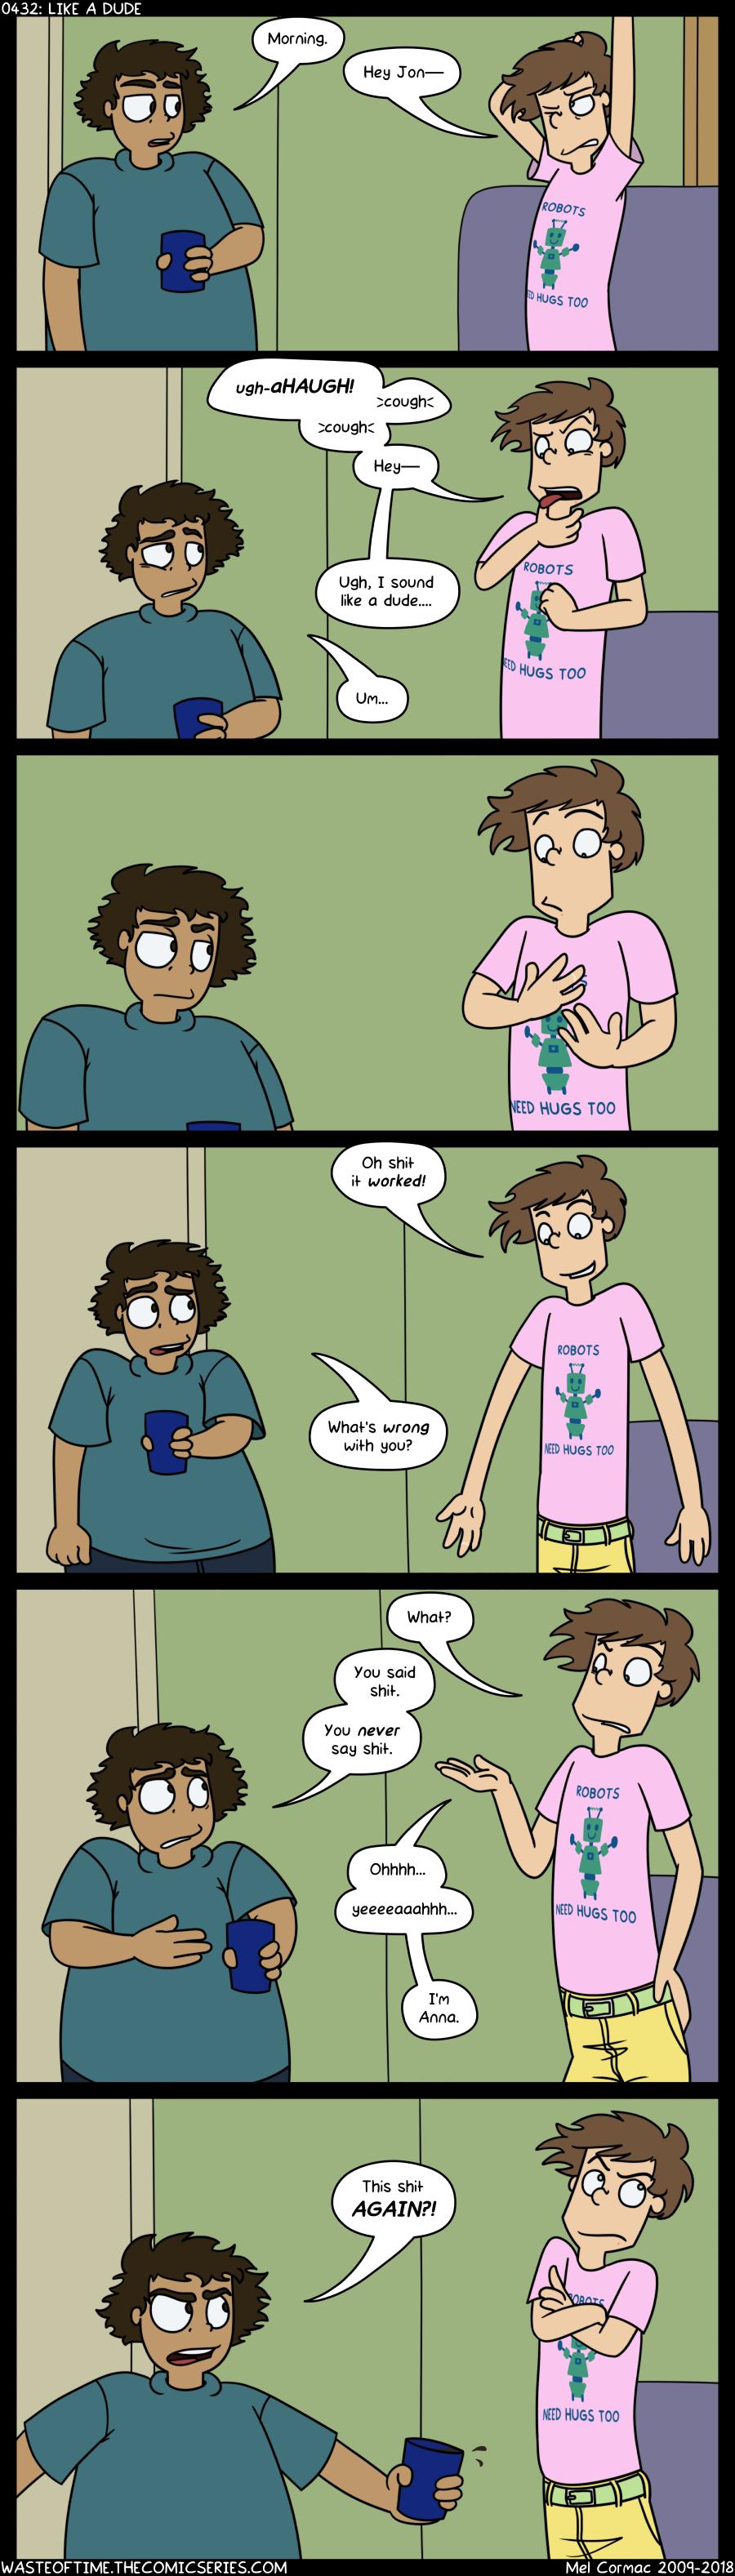 0432: Like a Dude